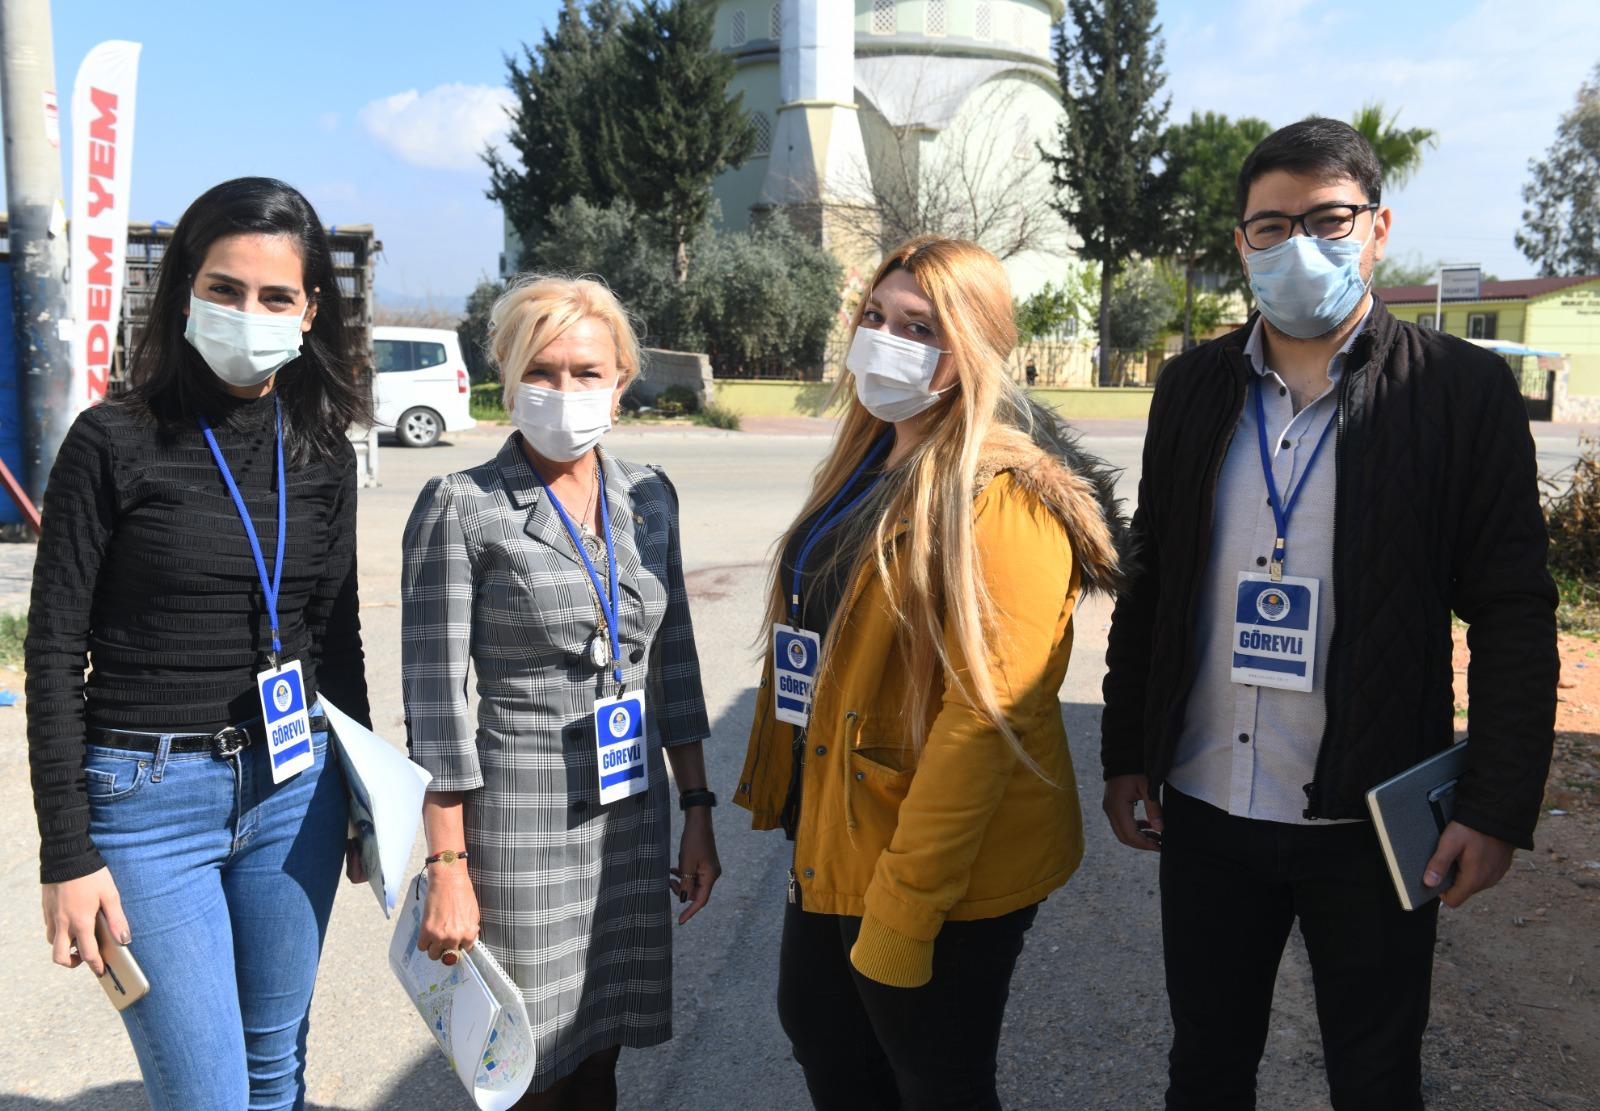 Yenişehir'de Sıfır Atık Projesi için vatandaşlar bilgilendiriliyor